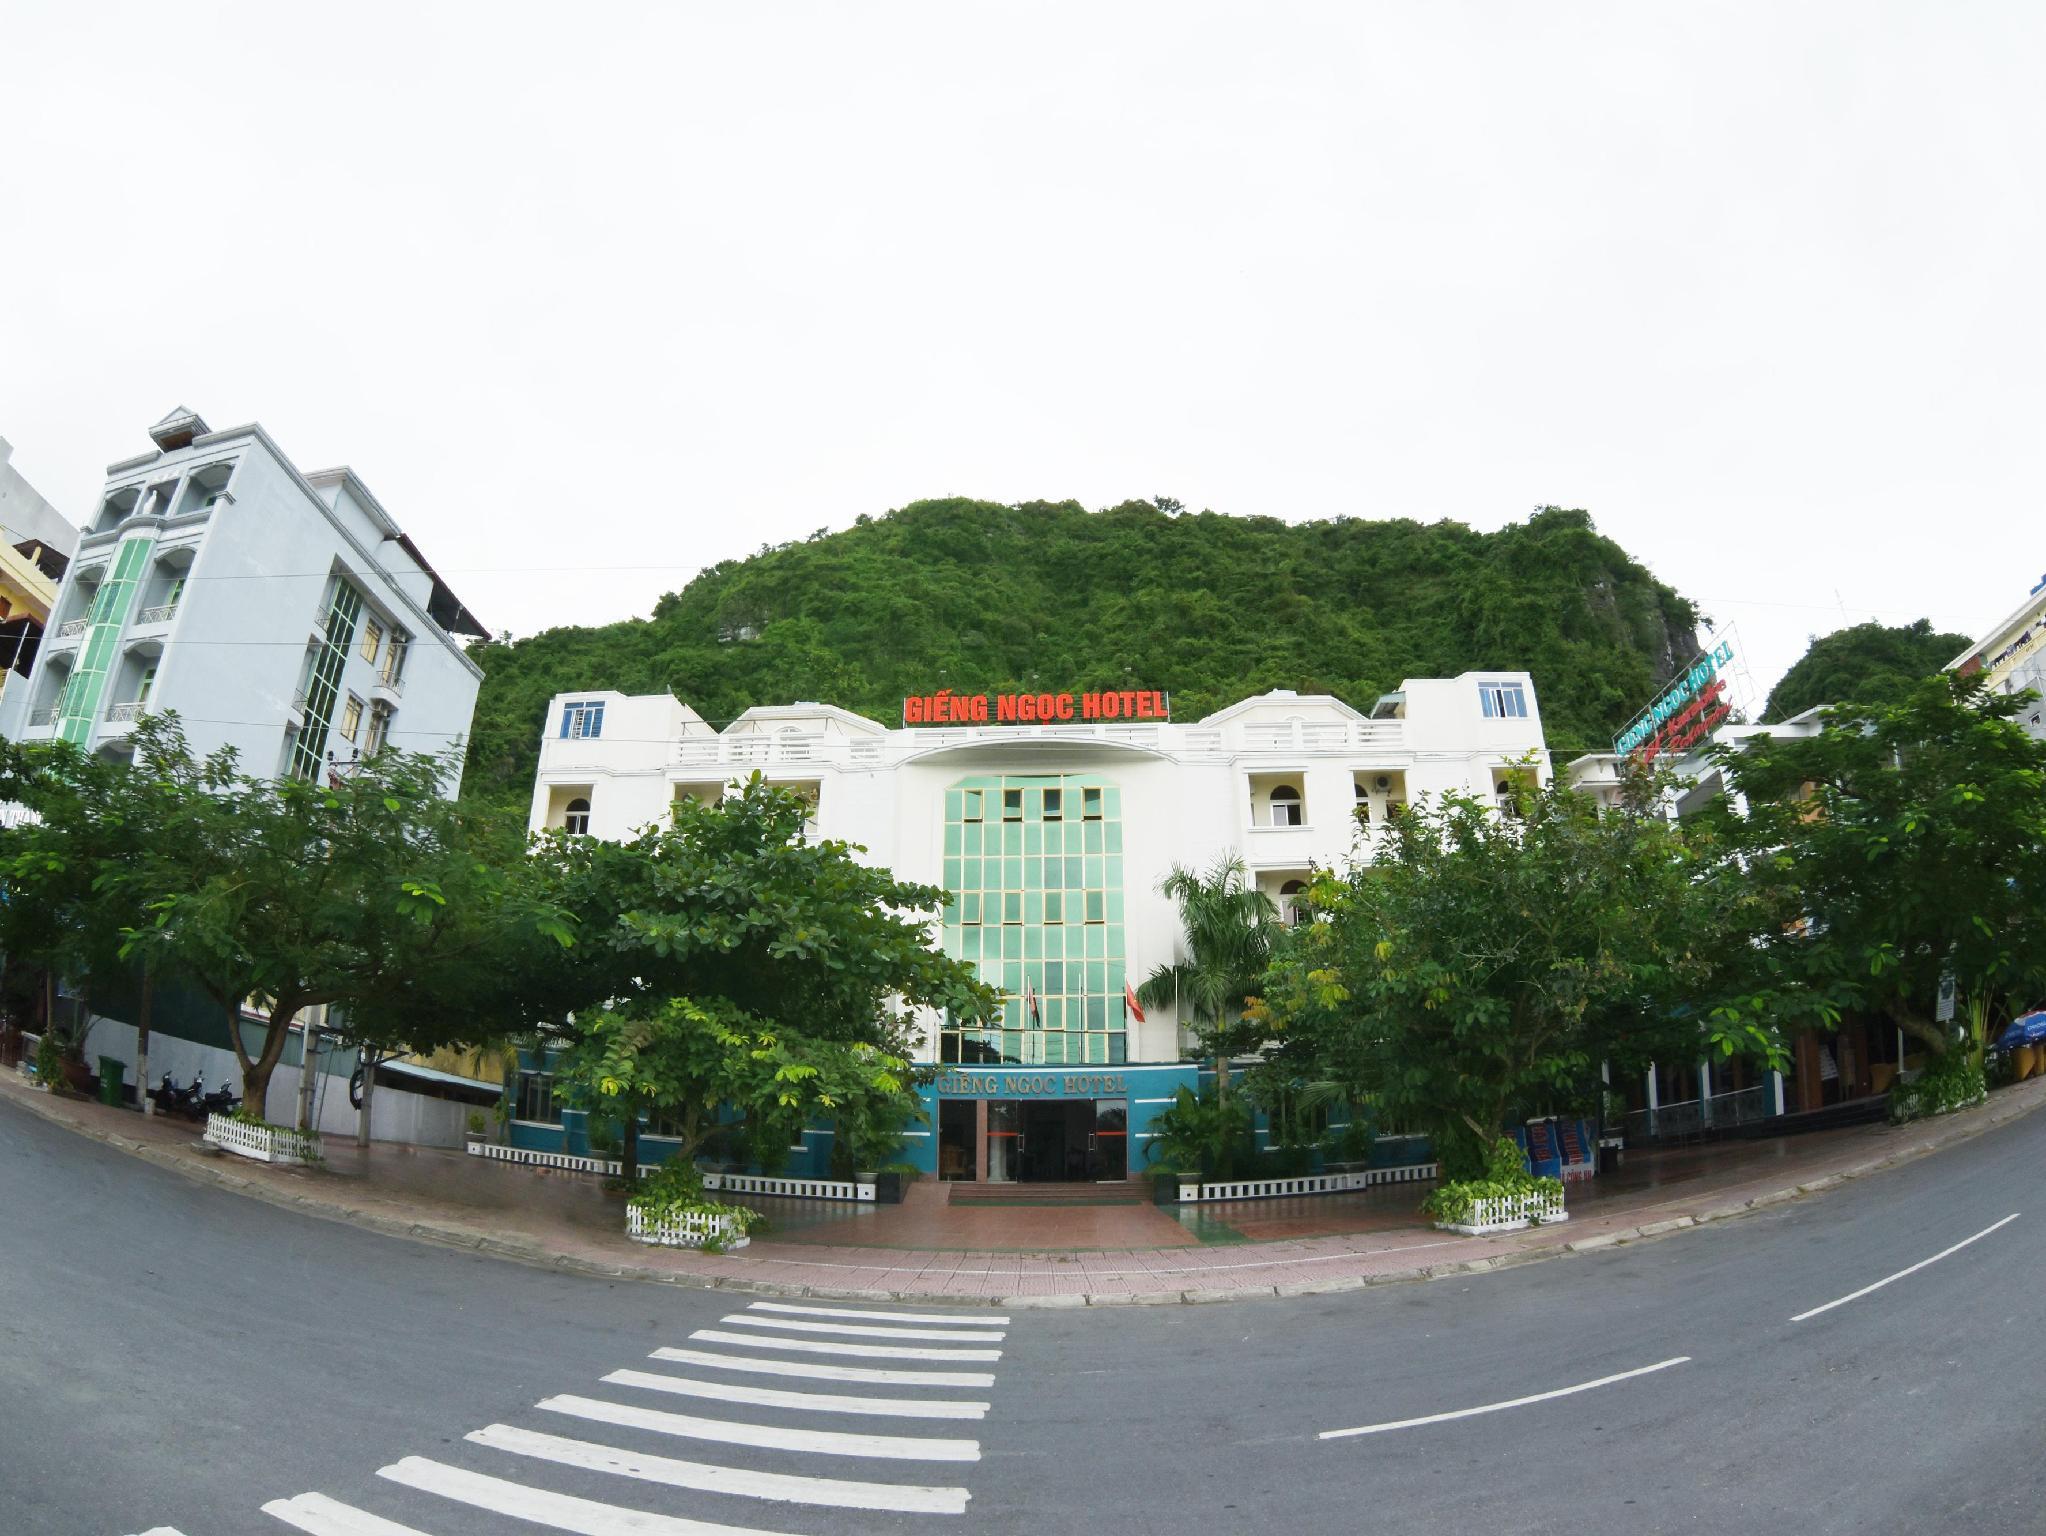 Hotell Gieng Ngoc Hotel